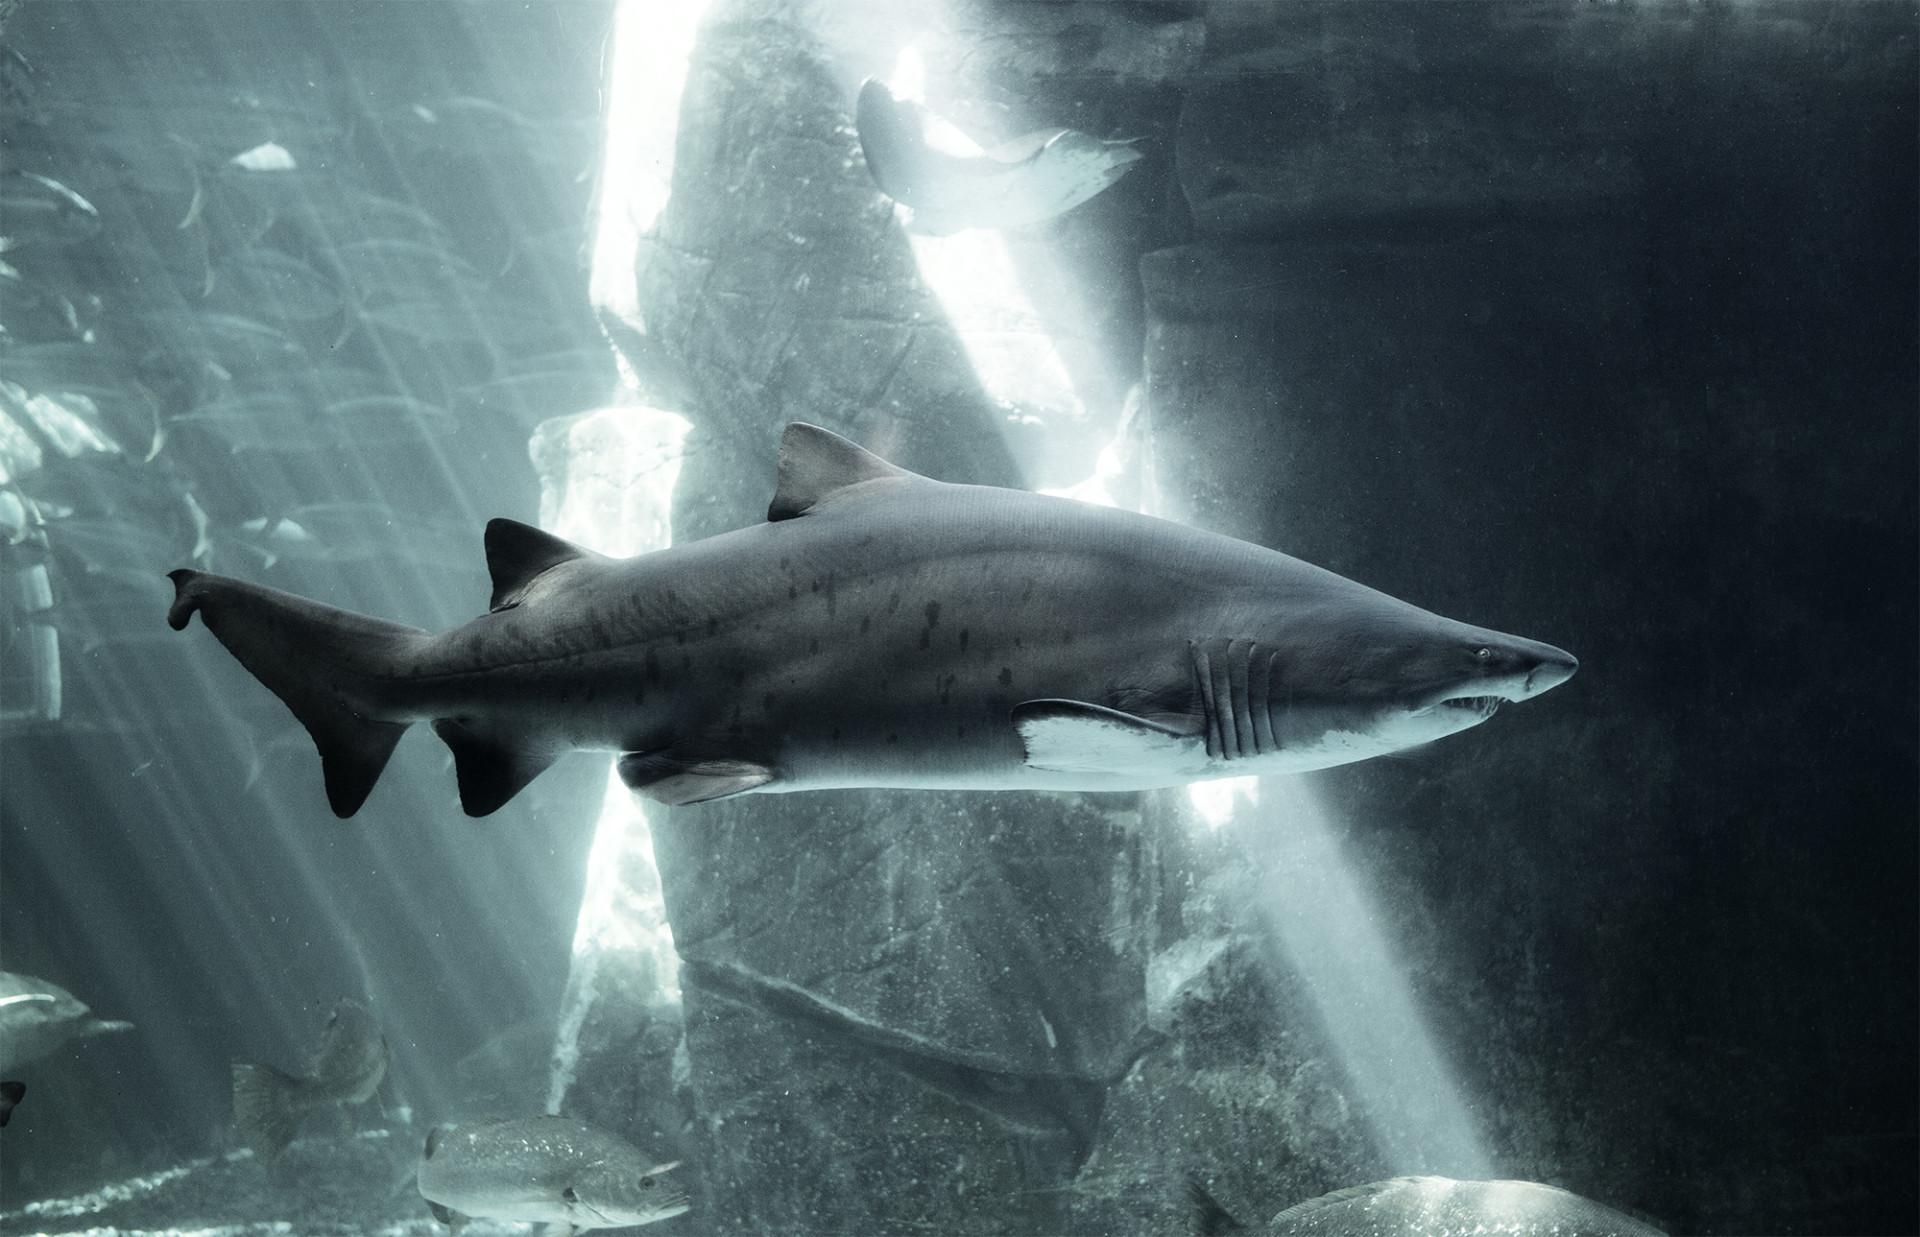 Ragged_tooth_Shark_1